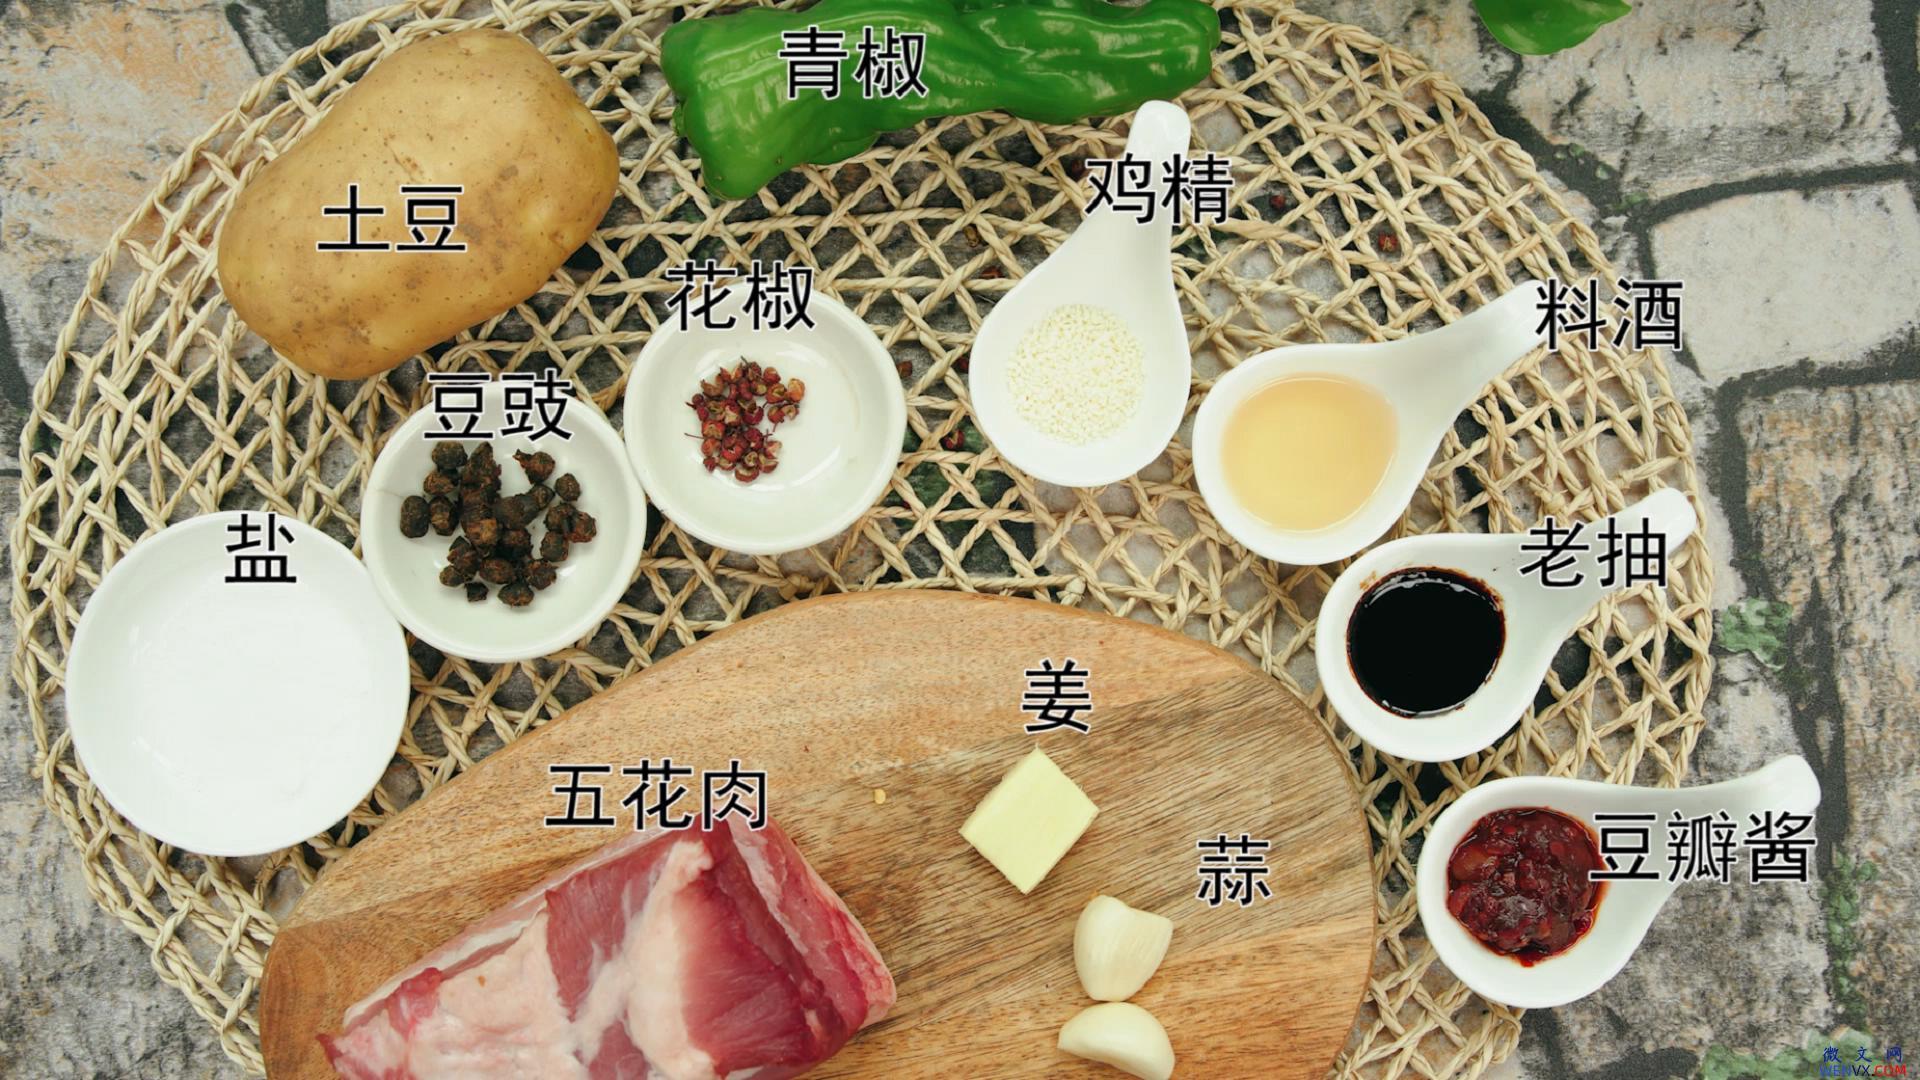 土豆回锅肉的好吃做法 第2张